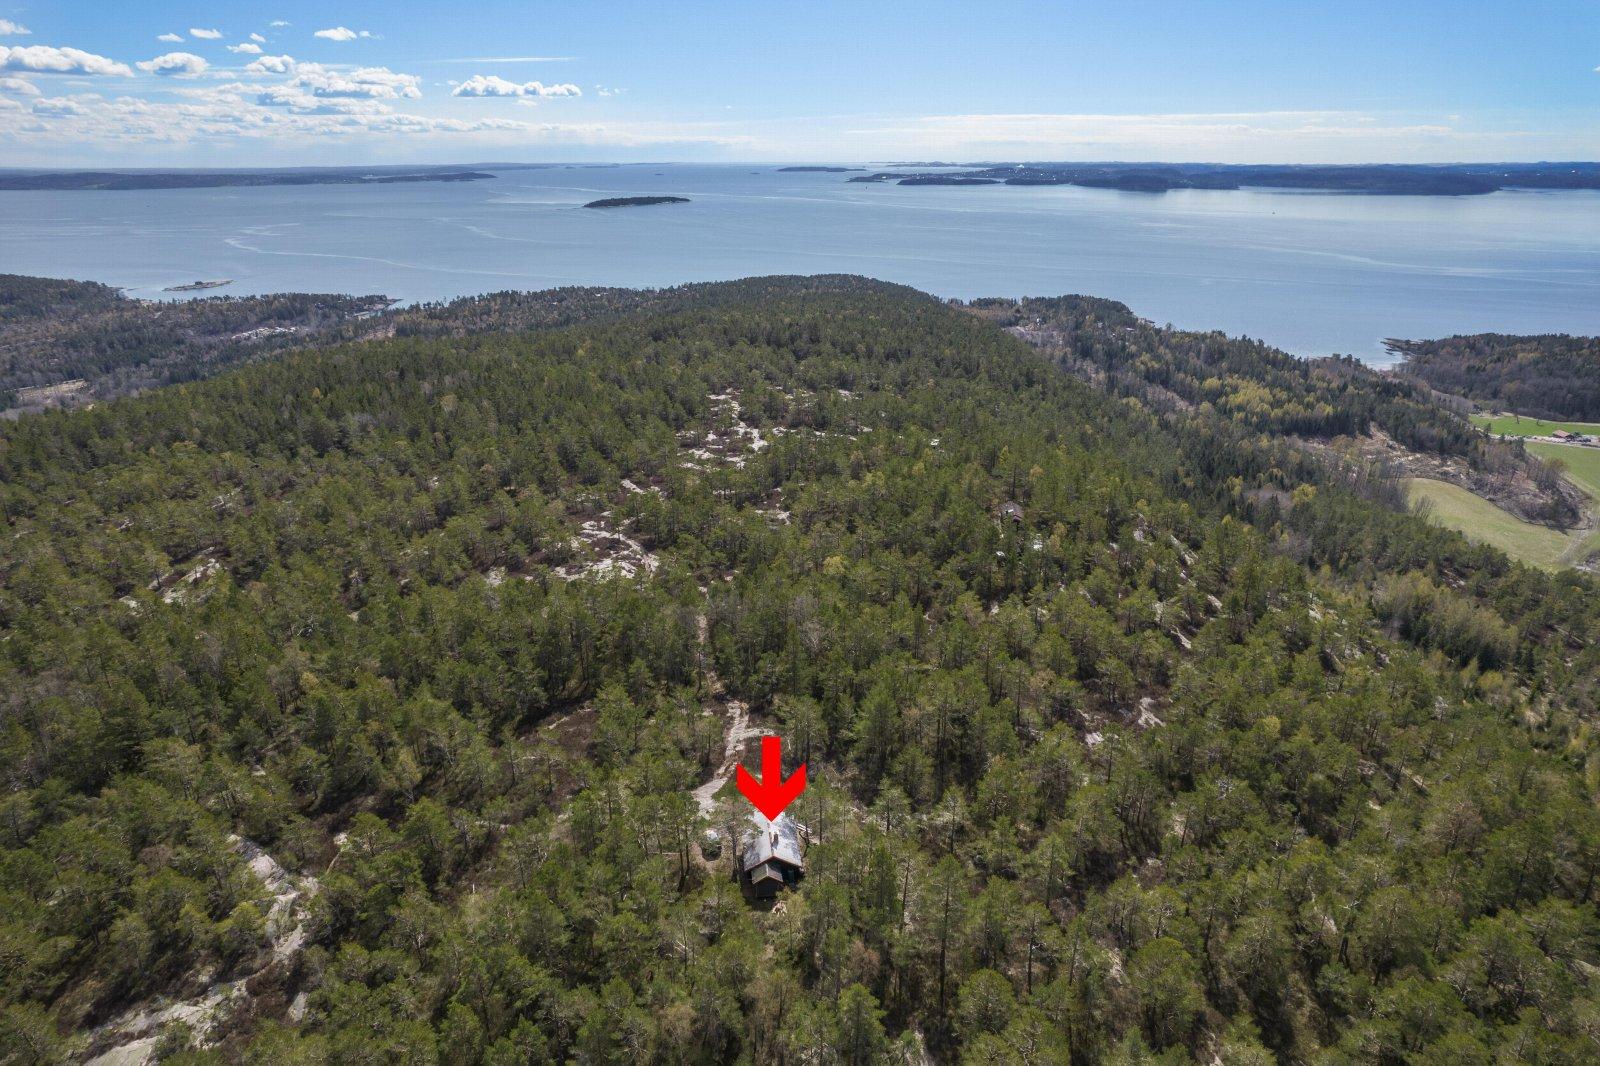 Hytta er en av tre hytter på Haraldsfjellet beliggende tilbaketrukket og fredelig i skogen med uante turmuligheter